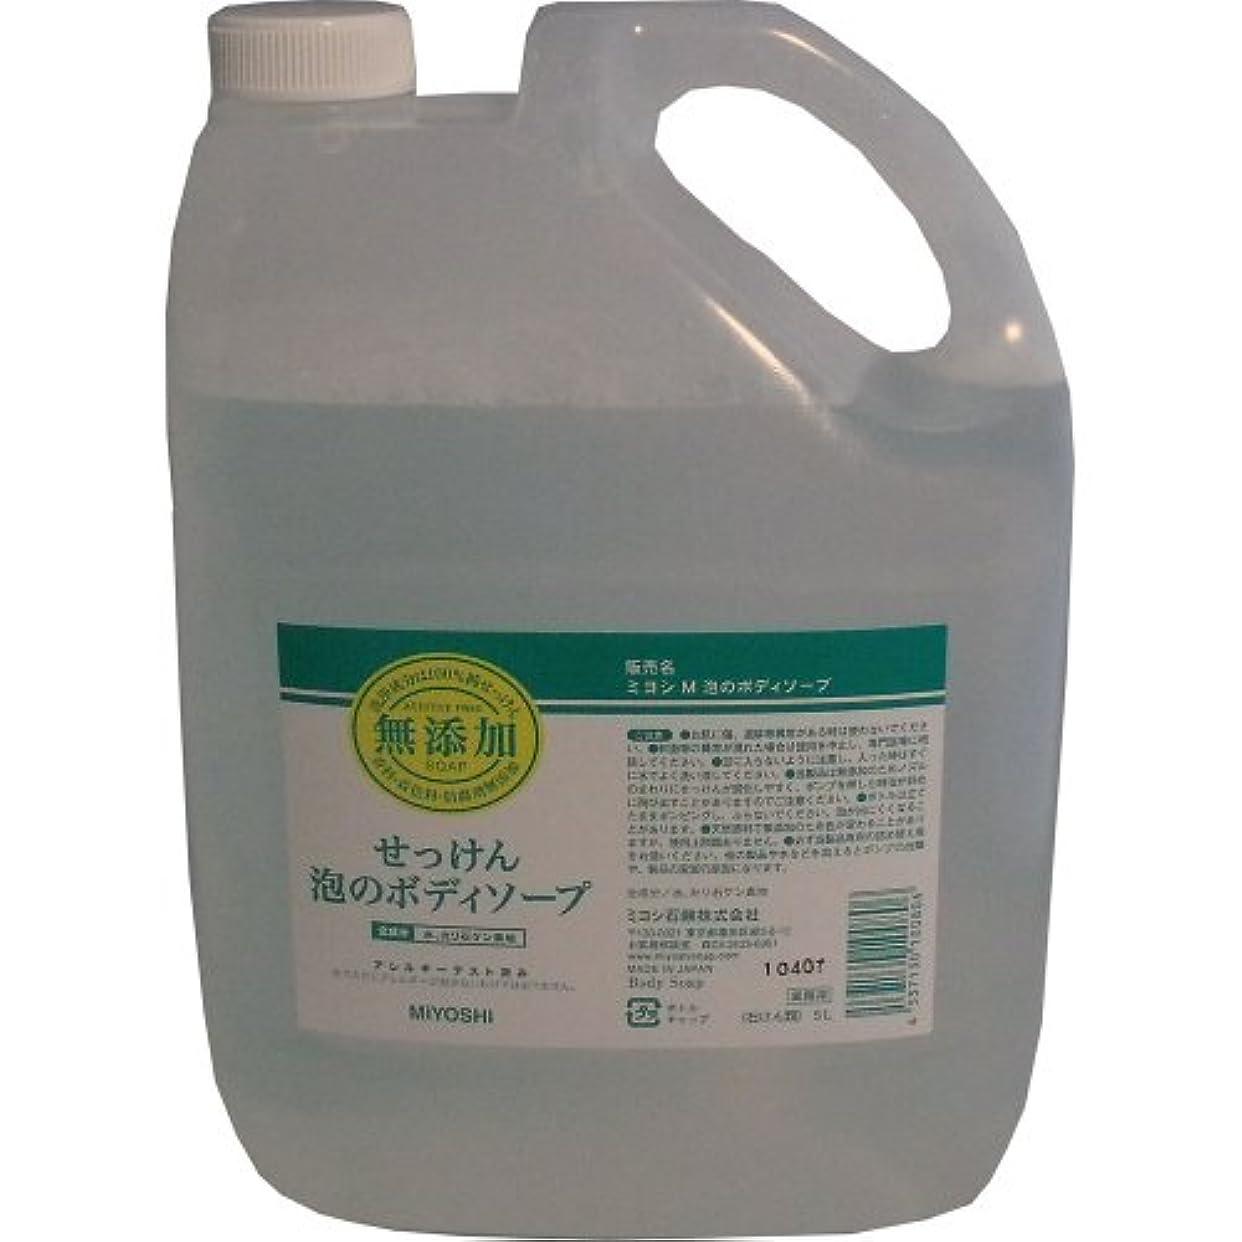 はっきりとサスペンション植生ミヨシ石鹸 業務用 無添加せっけん 泡のボディソープ 詰め替え用 5Lサイズ×4点セット